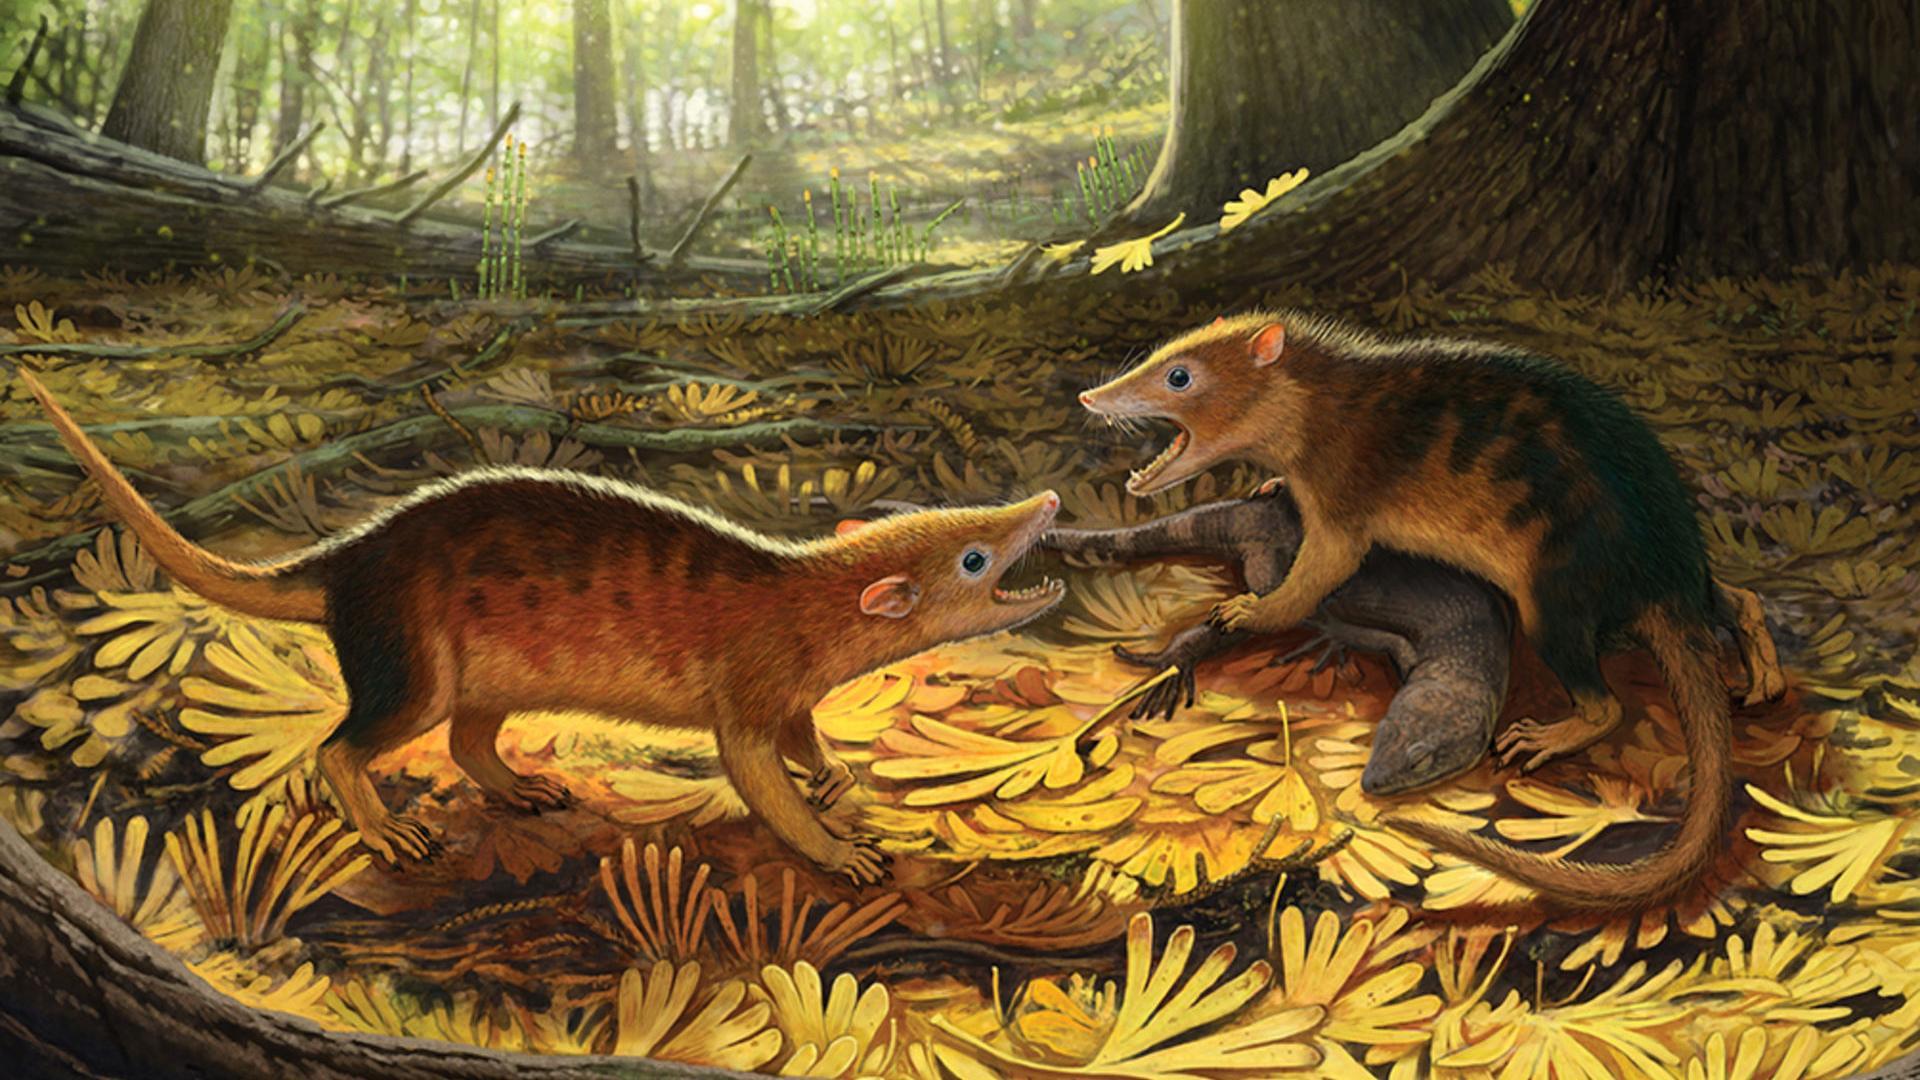 Численность млекопитающих контролировали их сородичи, а не динозавры